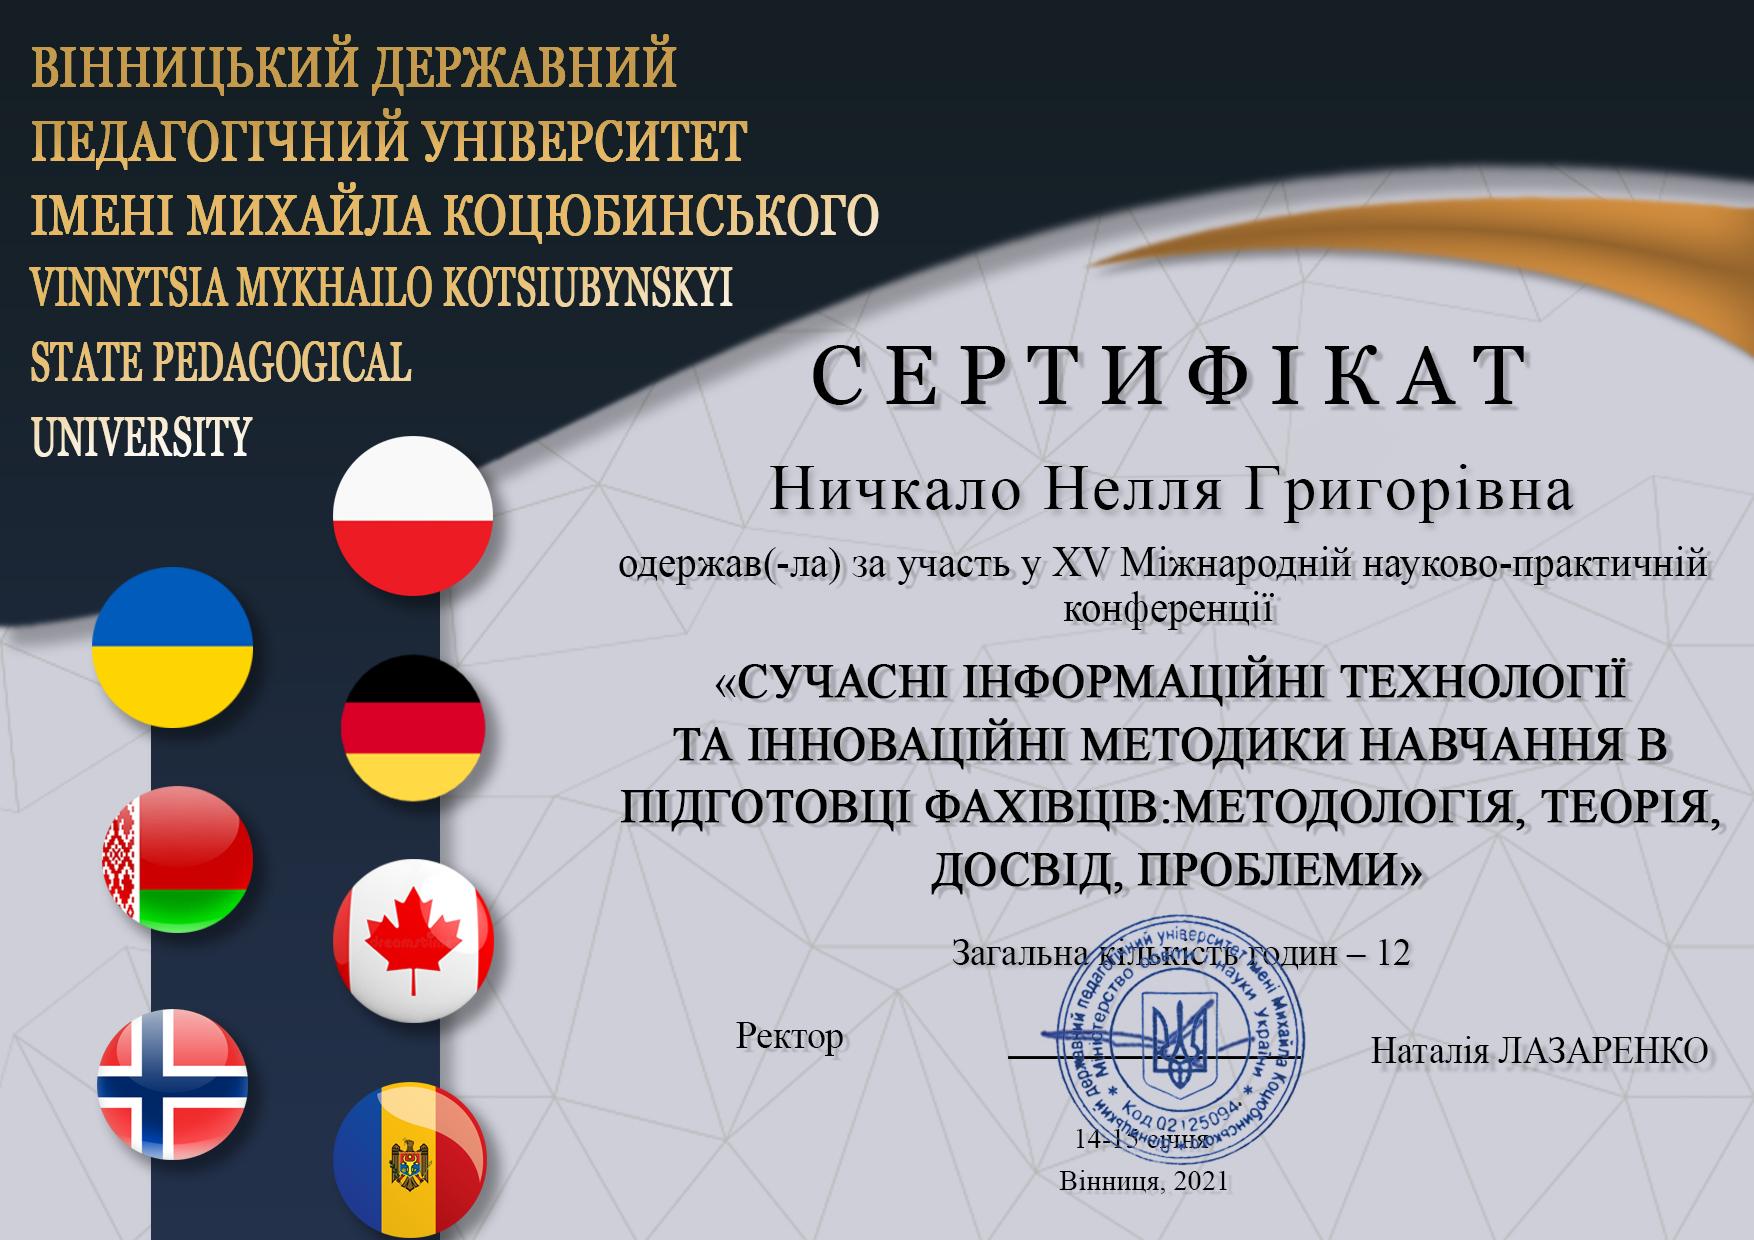 Ничкало Нелля Григорівна